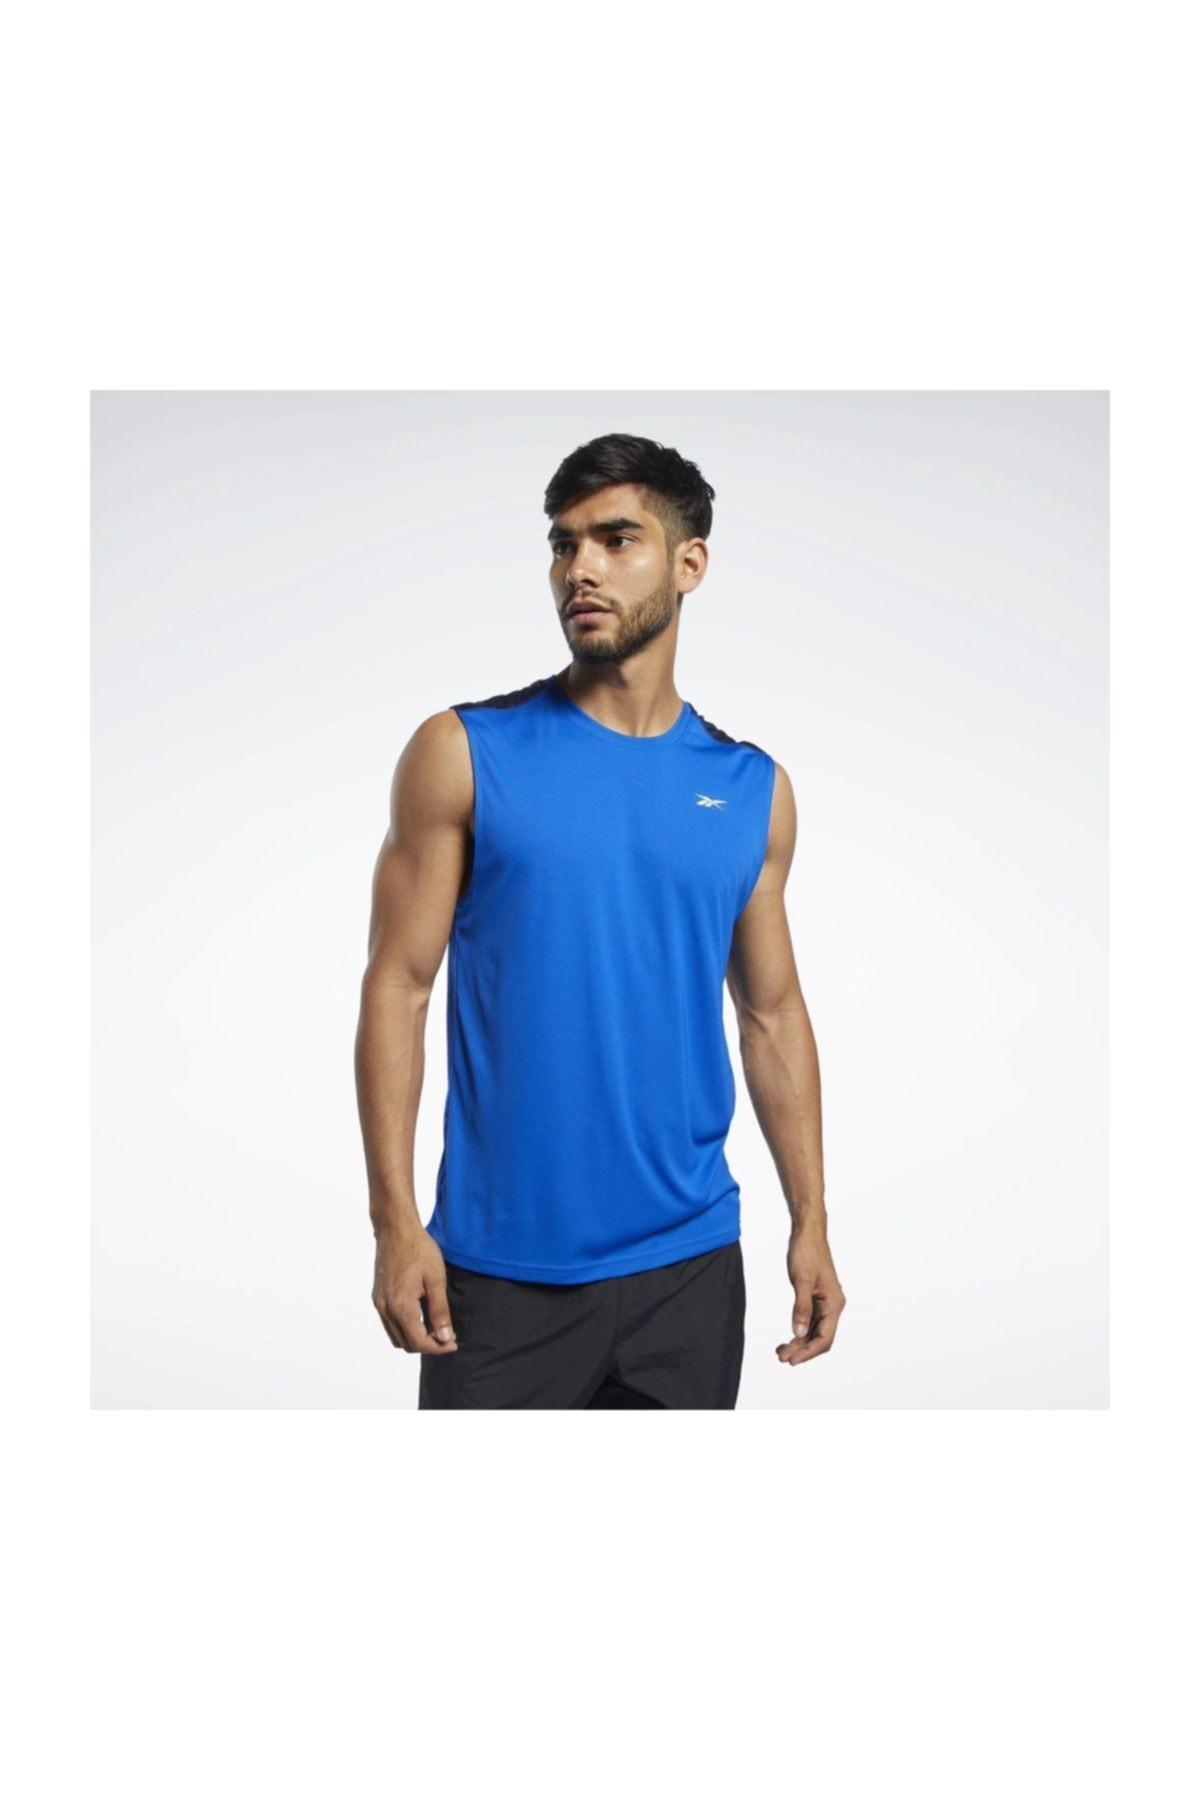 خرید مدل تاپ ورزشی مردانه برند ریبوک رنگ آبی کد ty37198163